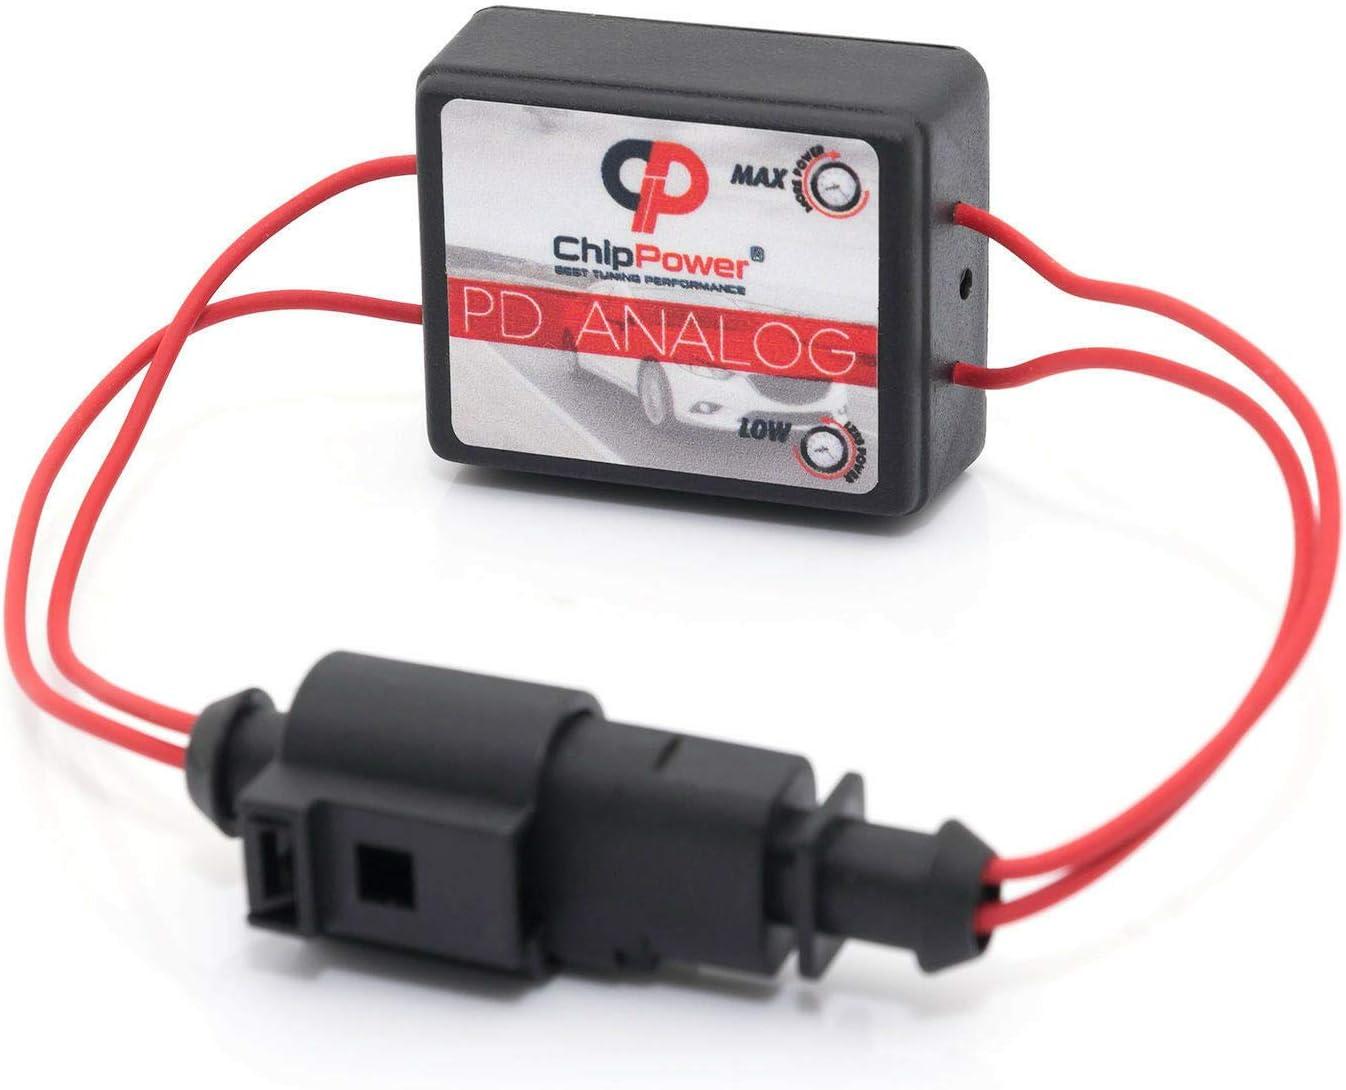 Chippower Chiptuning Pda Für Multivan T5 V 1 9 Tdi 2003 2015 Leistung Chip Tuning Box Mehr Leistung Performance Diesel Auto